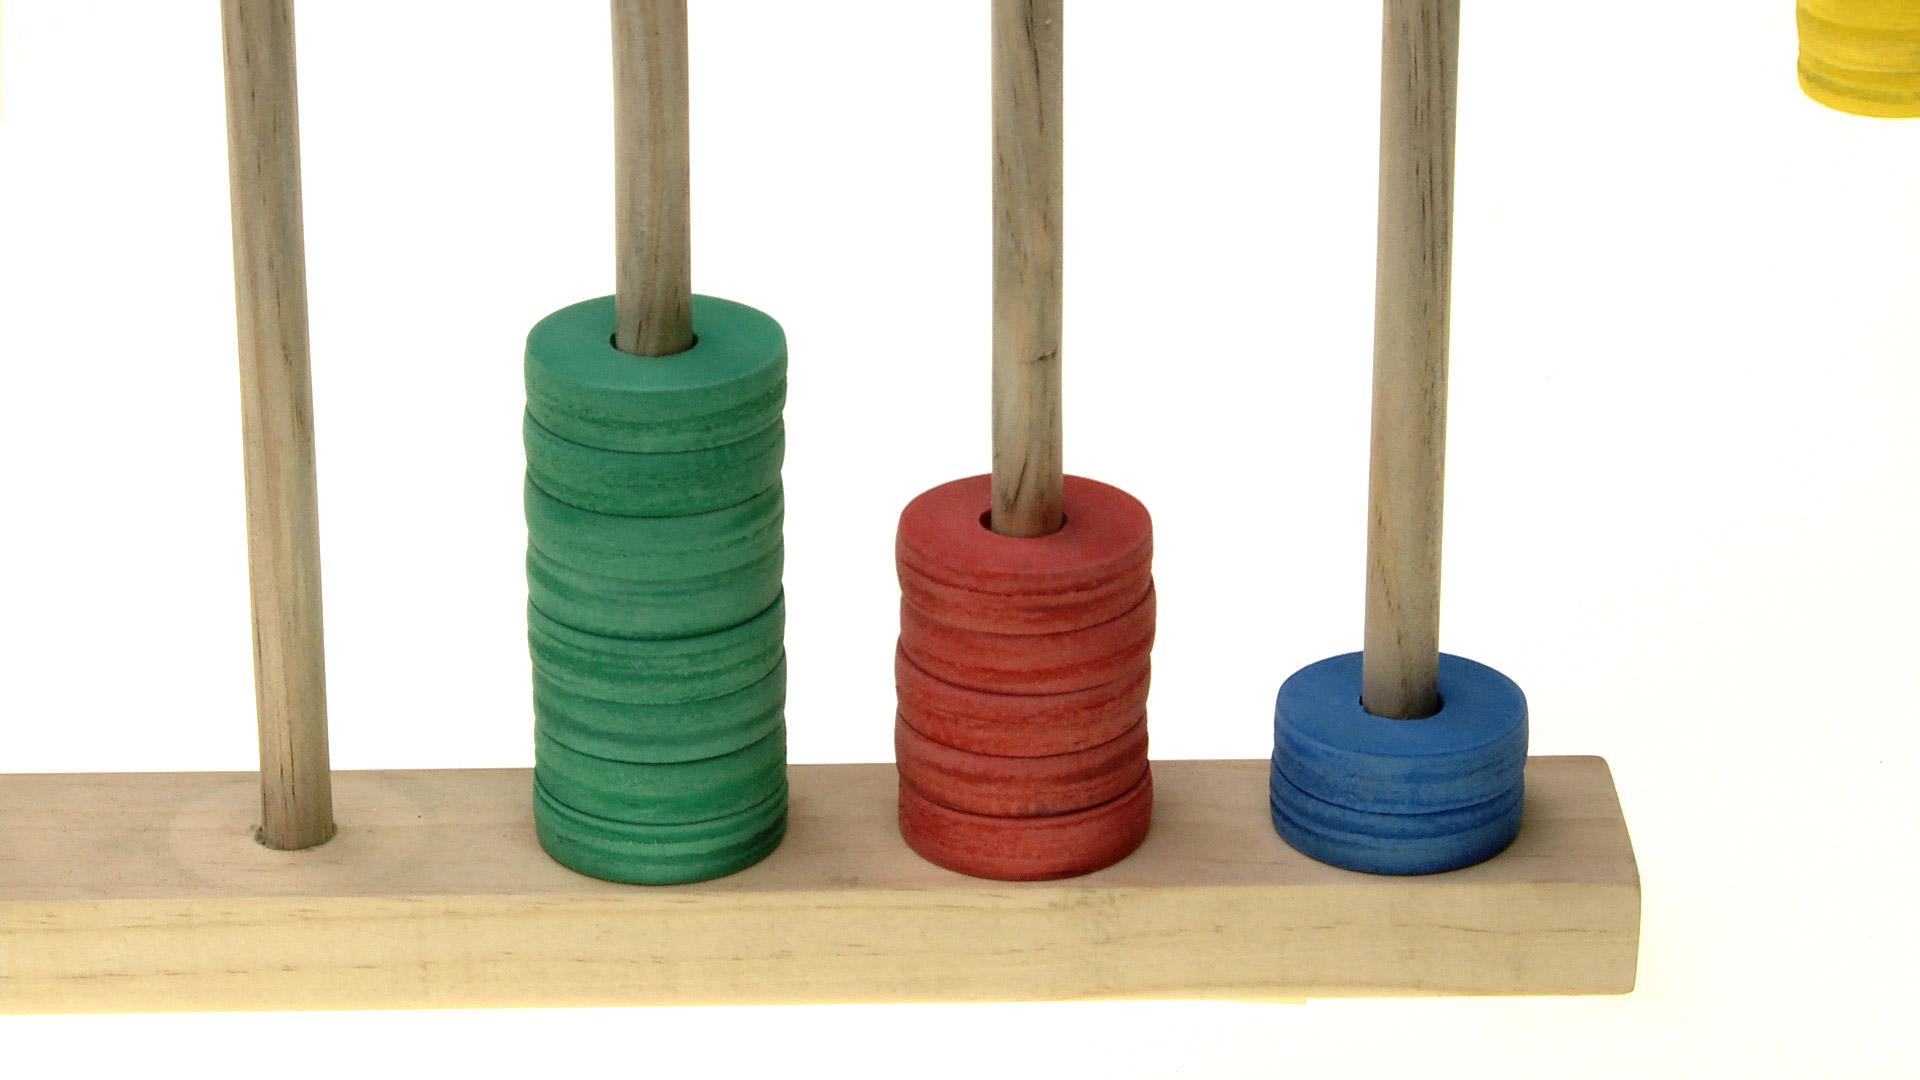 El ábaco es un entretenido método para conocer los números, y hacer algunas operaciones como sumar y restar. Es una buena actividad no sólo para hacer en el colegio, también para jugar en casa y, junto con eso, reforzar algunos conceptos matemáticos que ayudarán a los niños.